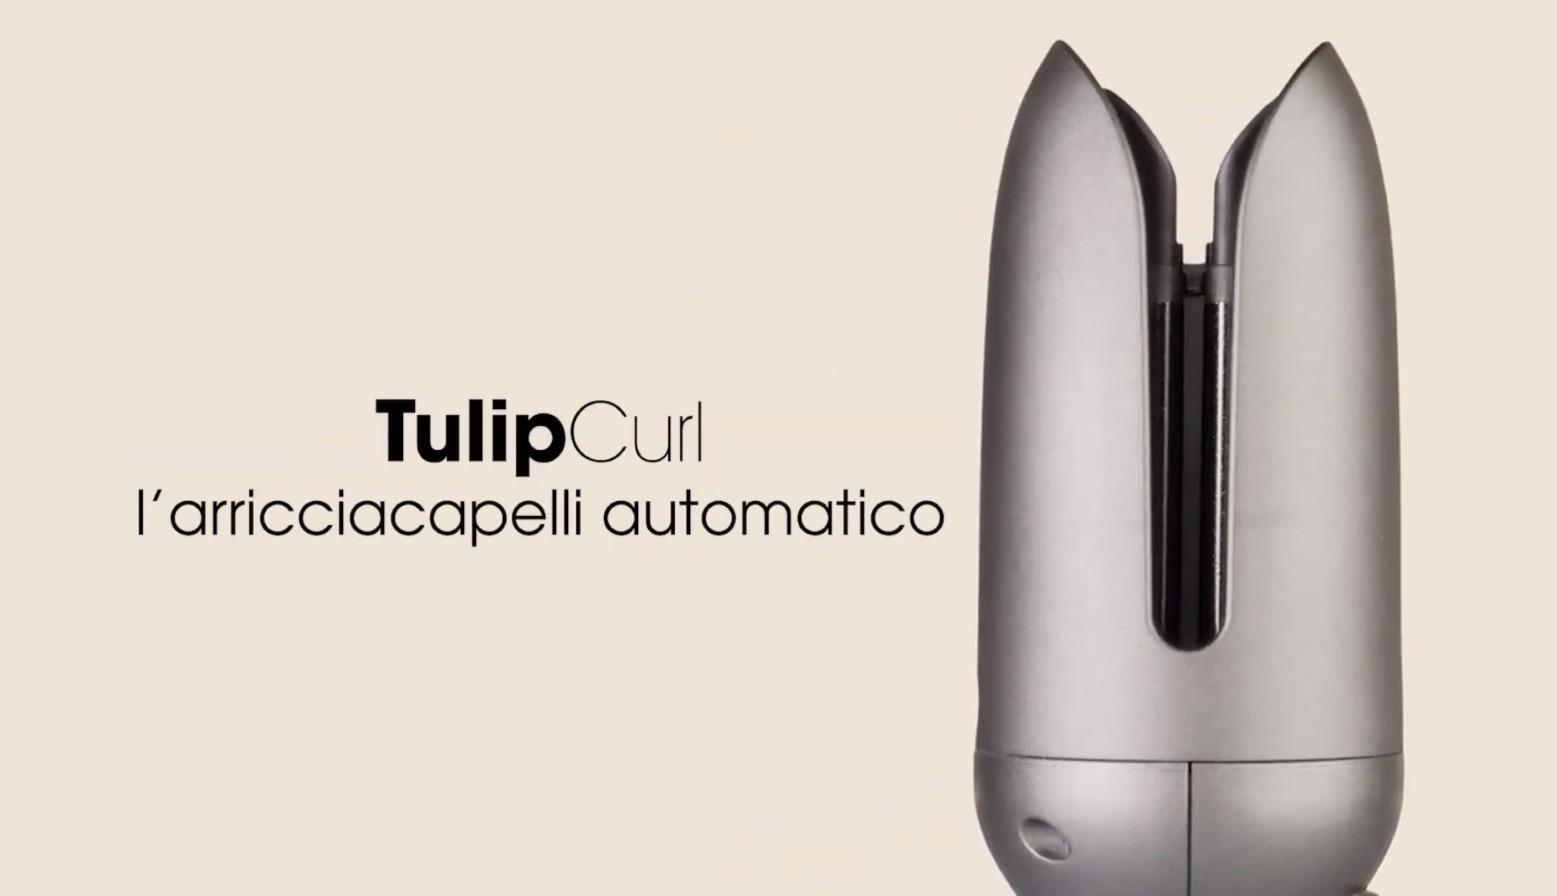 Tulip Curl